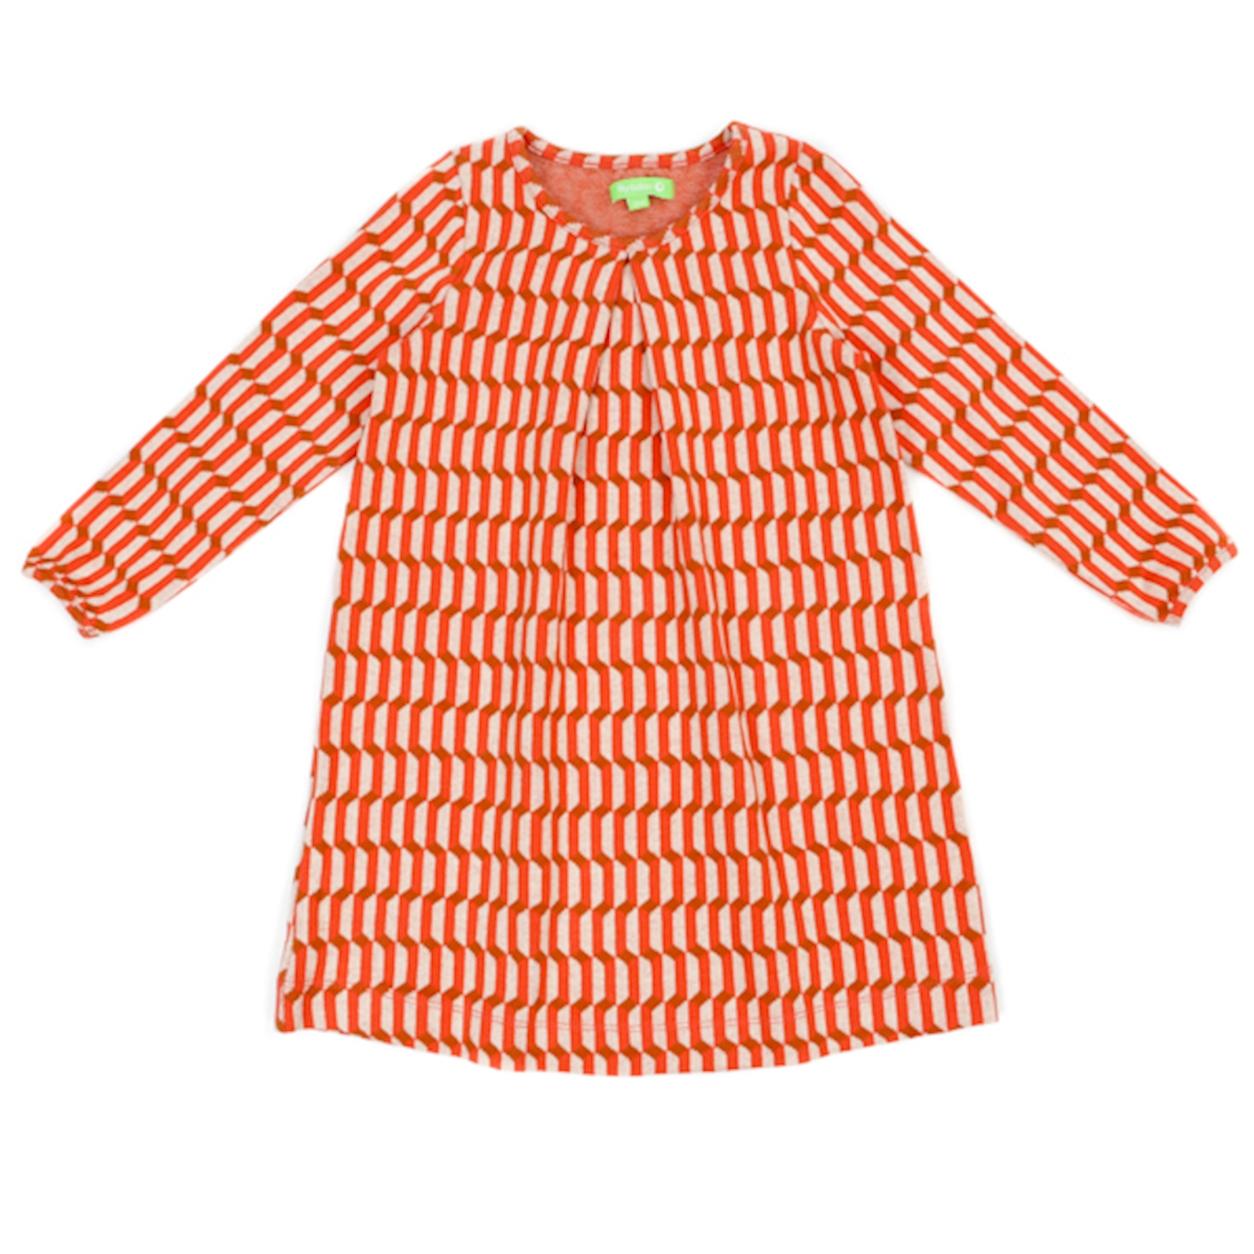 LILY BALOU Alizee dress Kleid